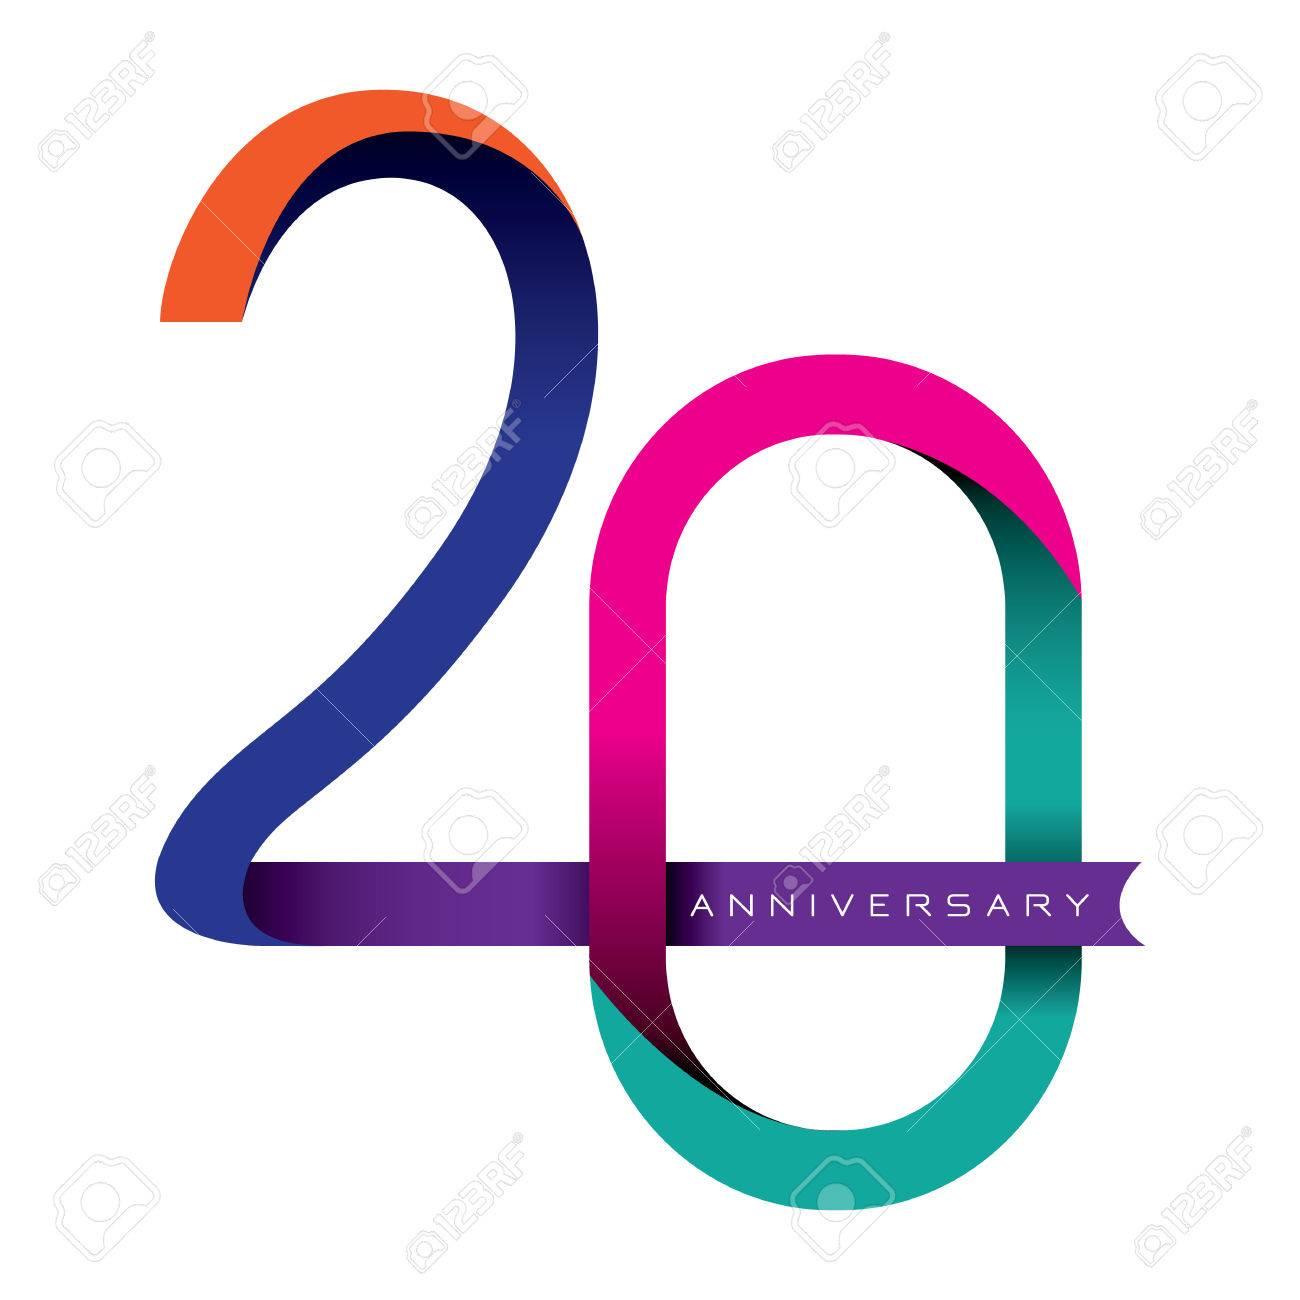 20 years anniversary vector - 32368415